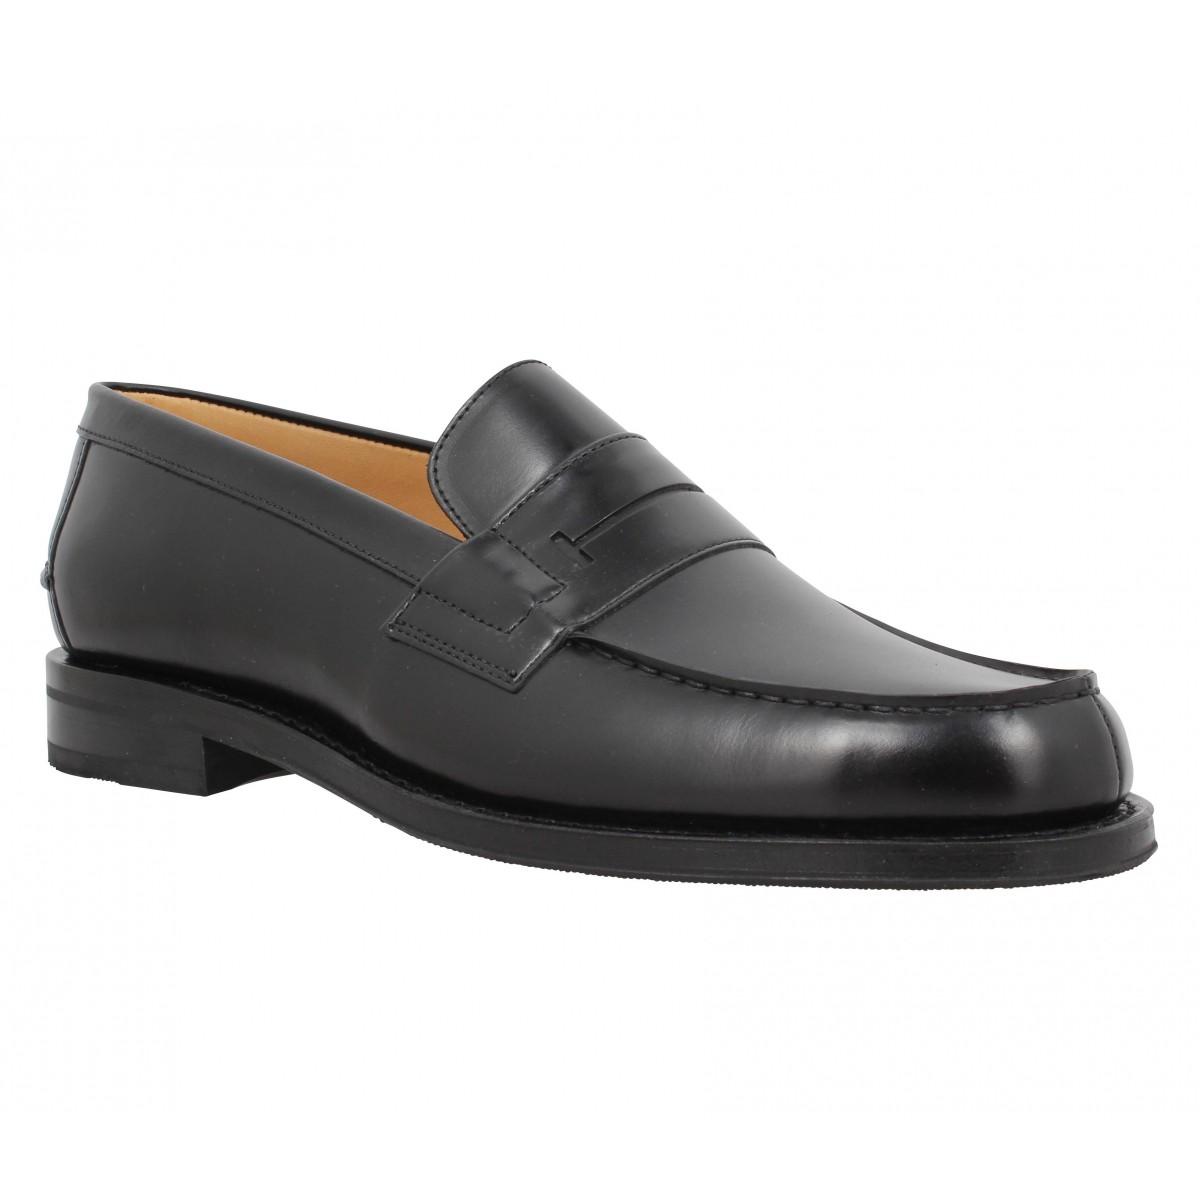 Heschung Hedera Cuir Homme Noir Fanny Chaussures